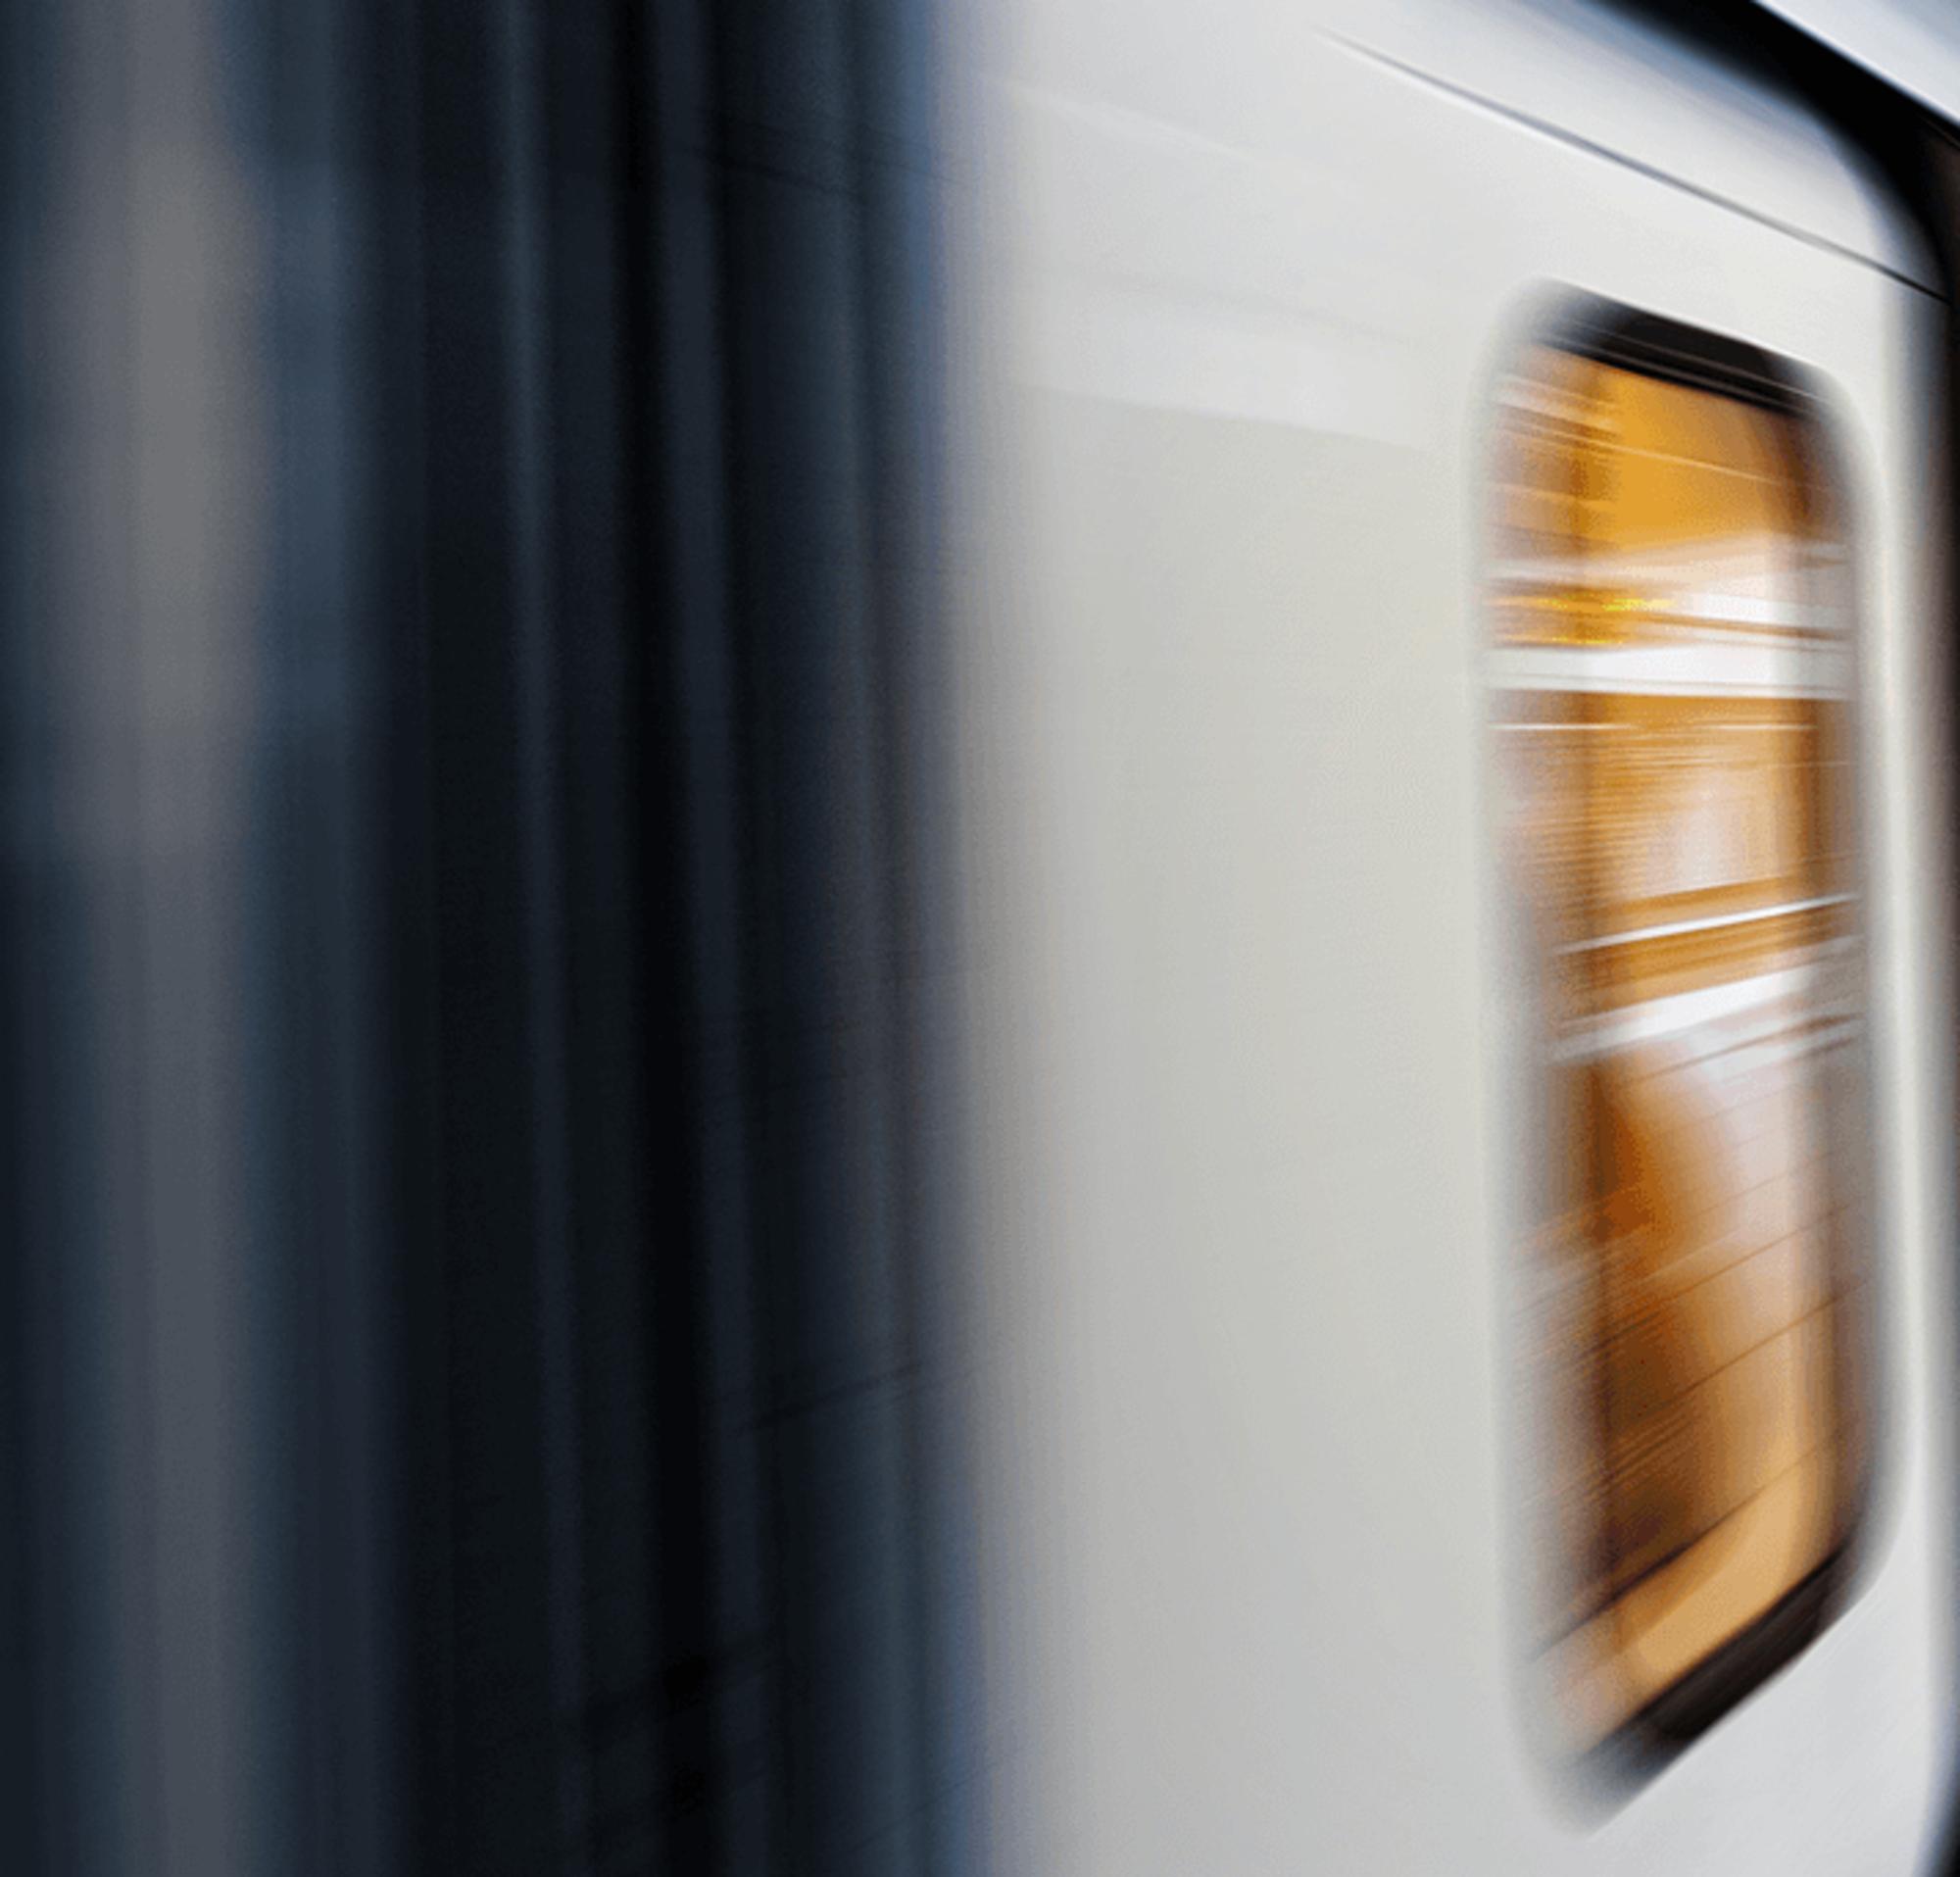 Un train se déplaçant à grande vitesse dans une gare.